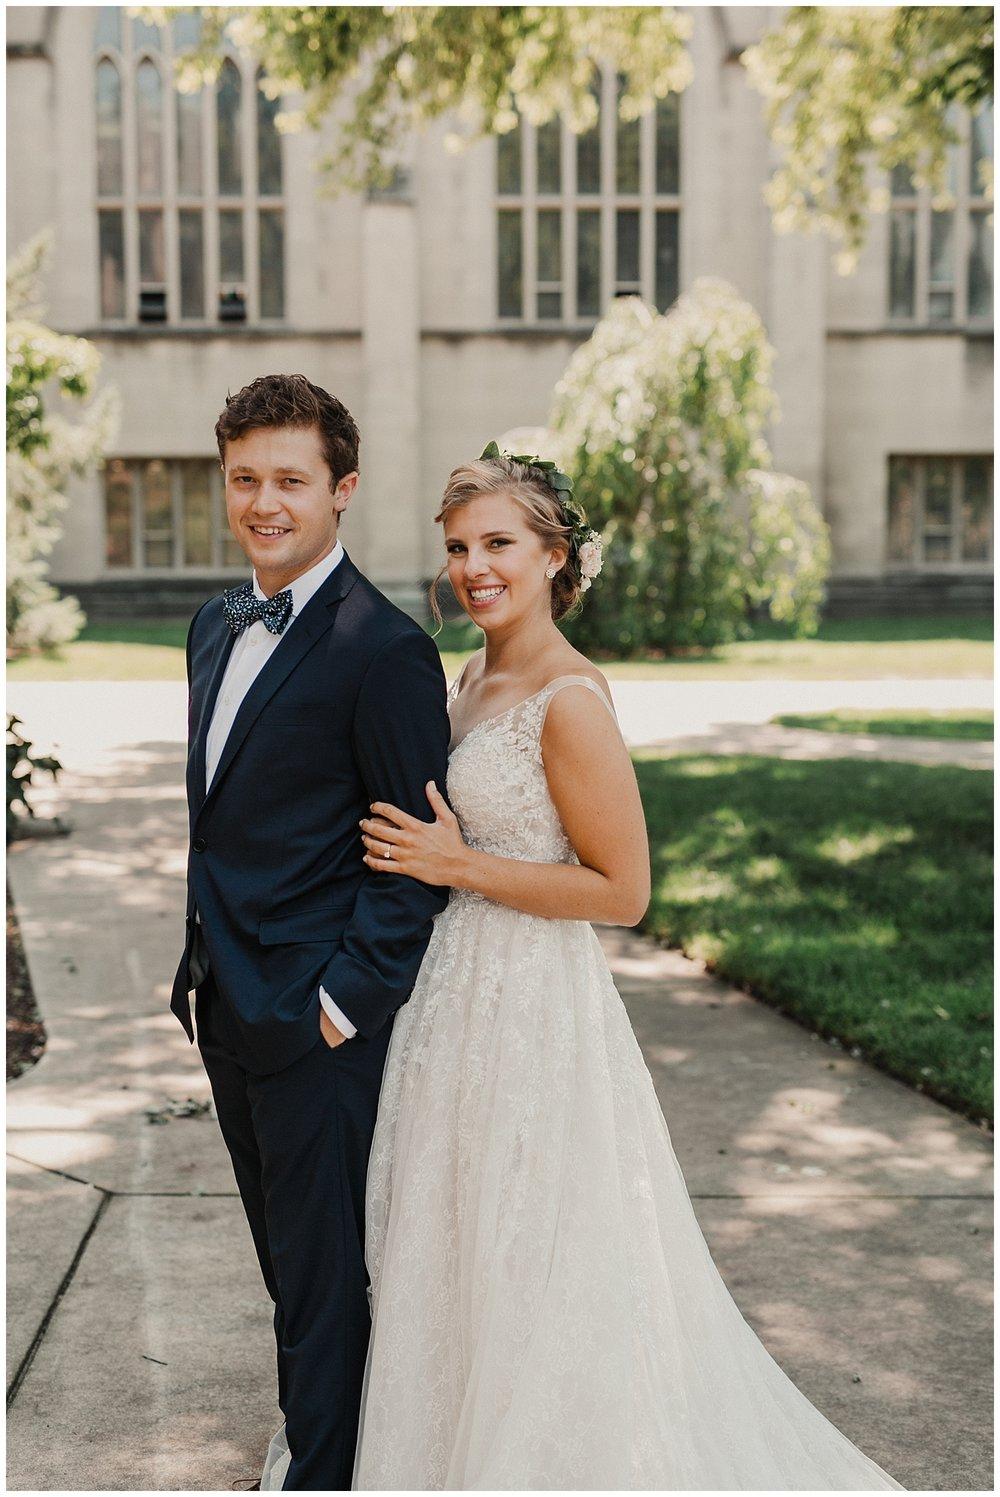 lindybeth photography - sievers wedding - hope college - boatwerks - blog-79.jpg